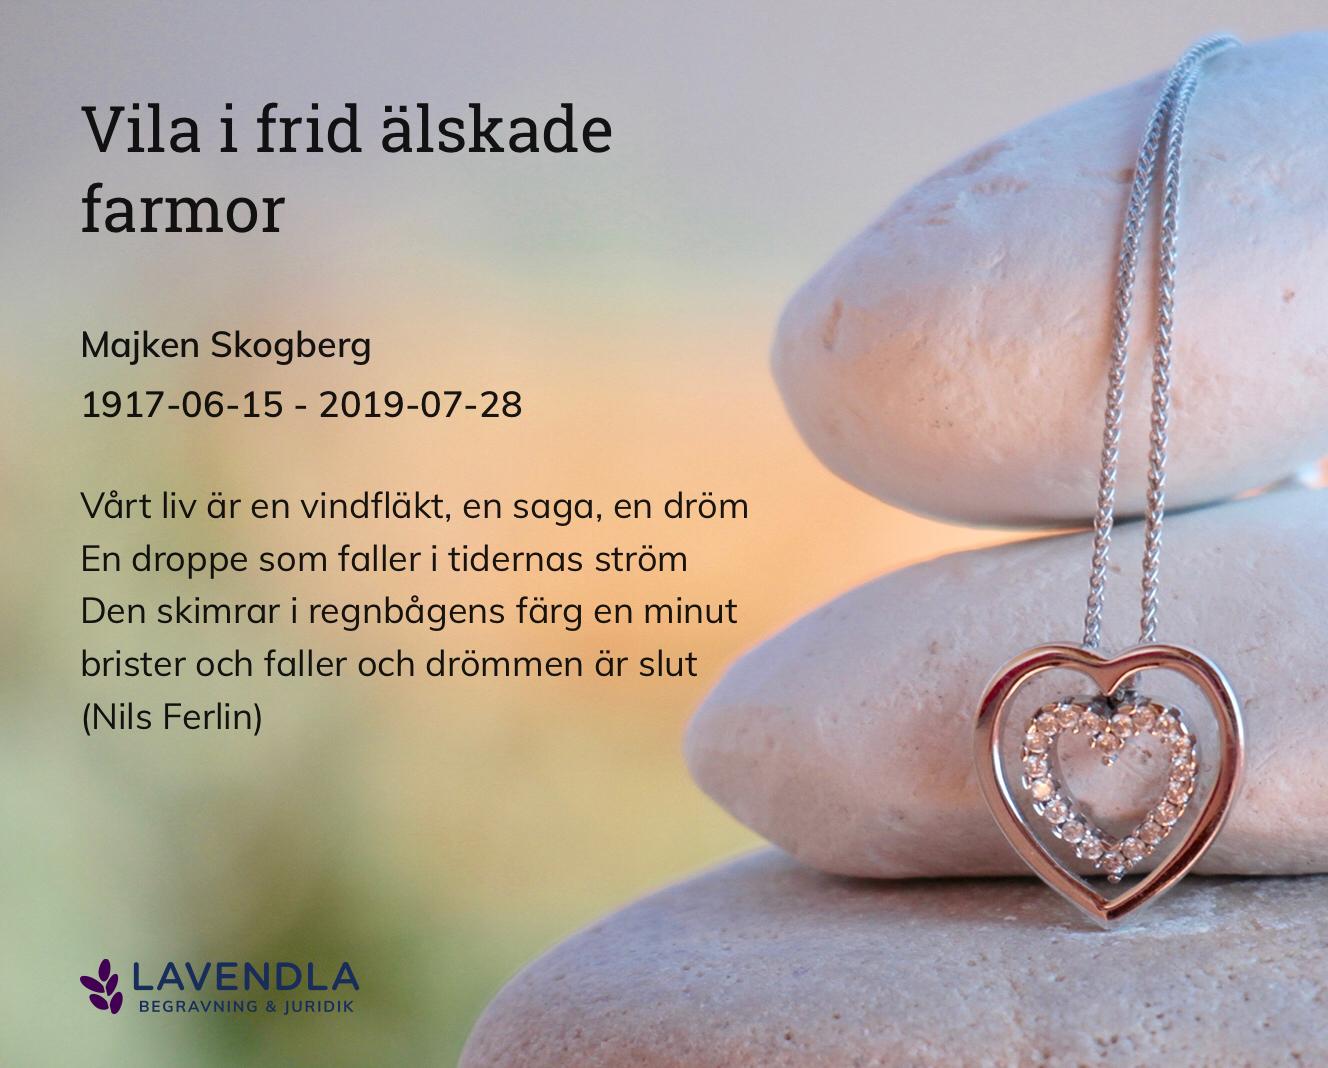 Inbjudningskort till ceremonin för Majken Skogberg